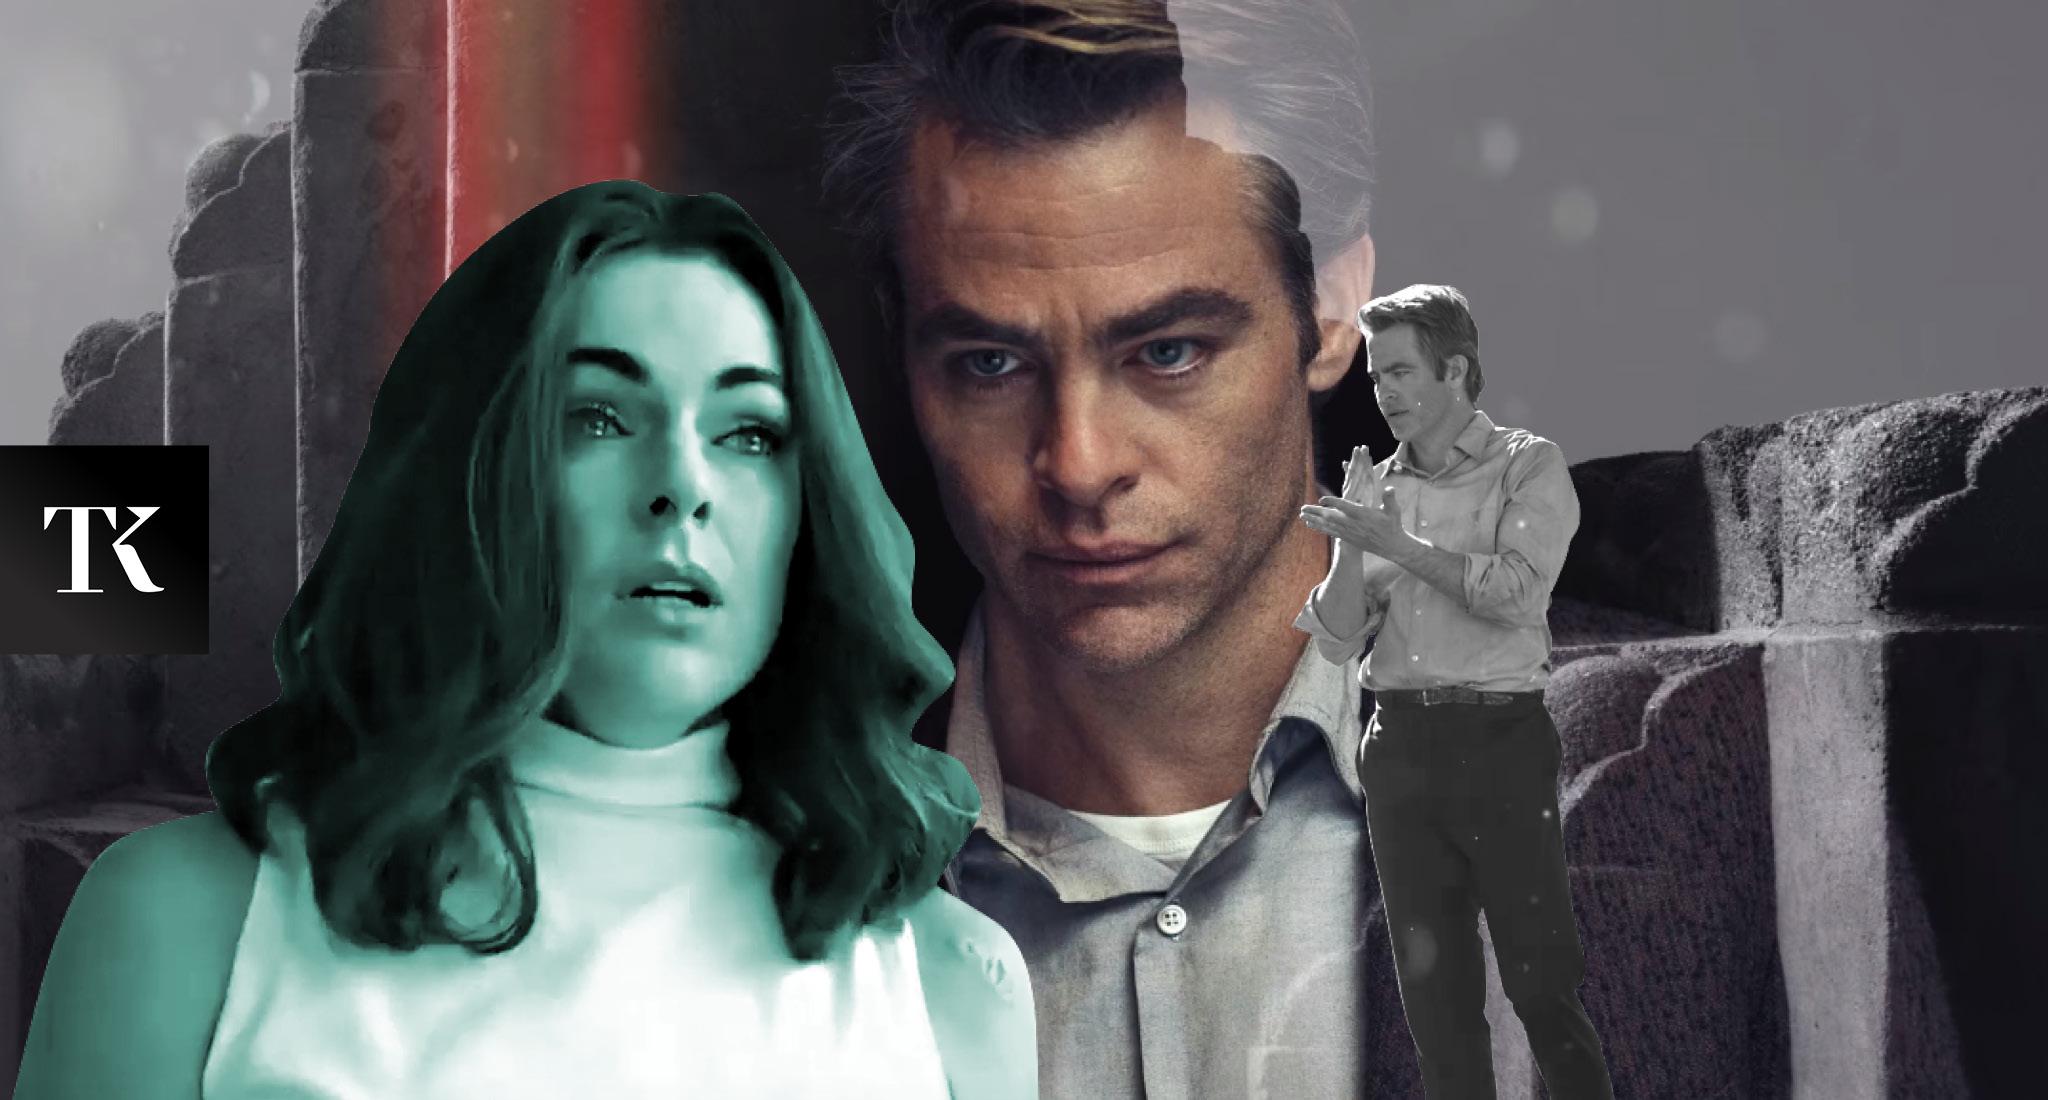 👁📺 Из «Чудо-женщины» в «Черный Георгин»: 4 криминальных сериала января